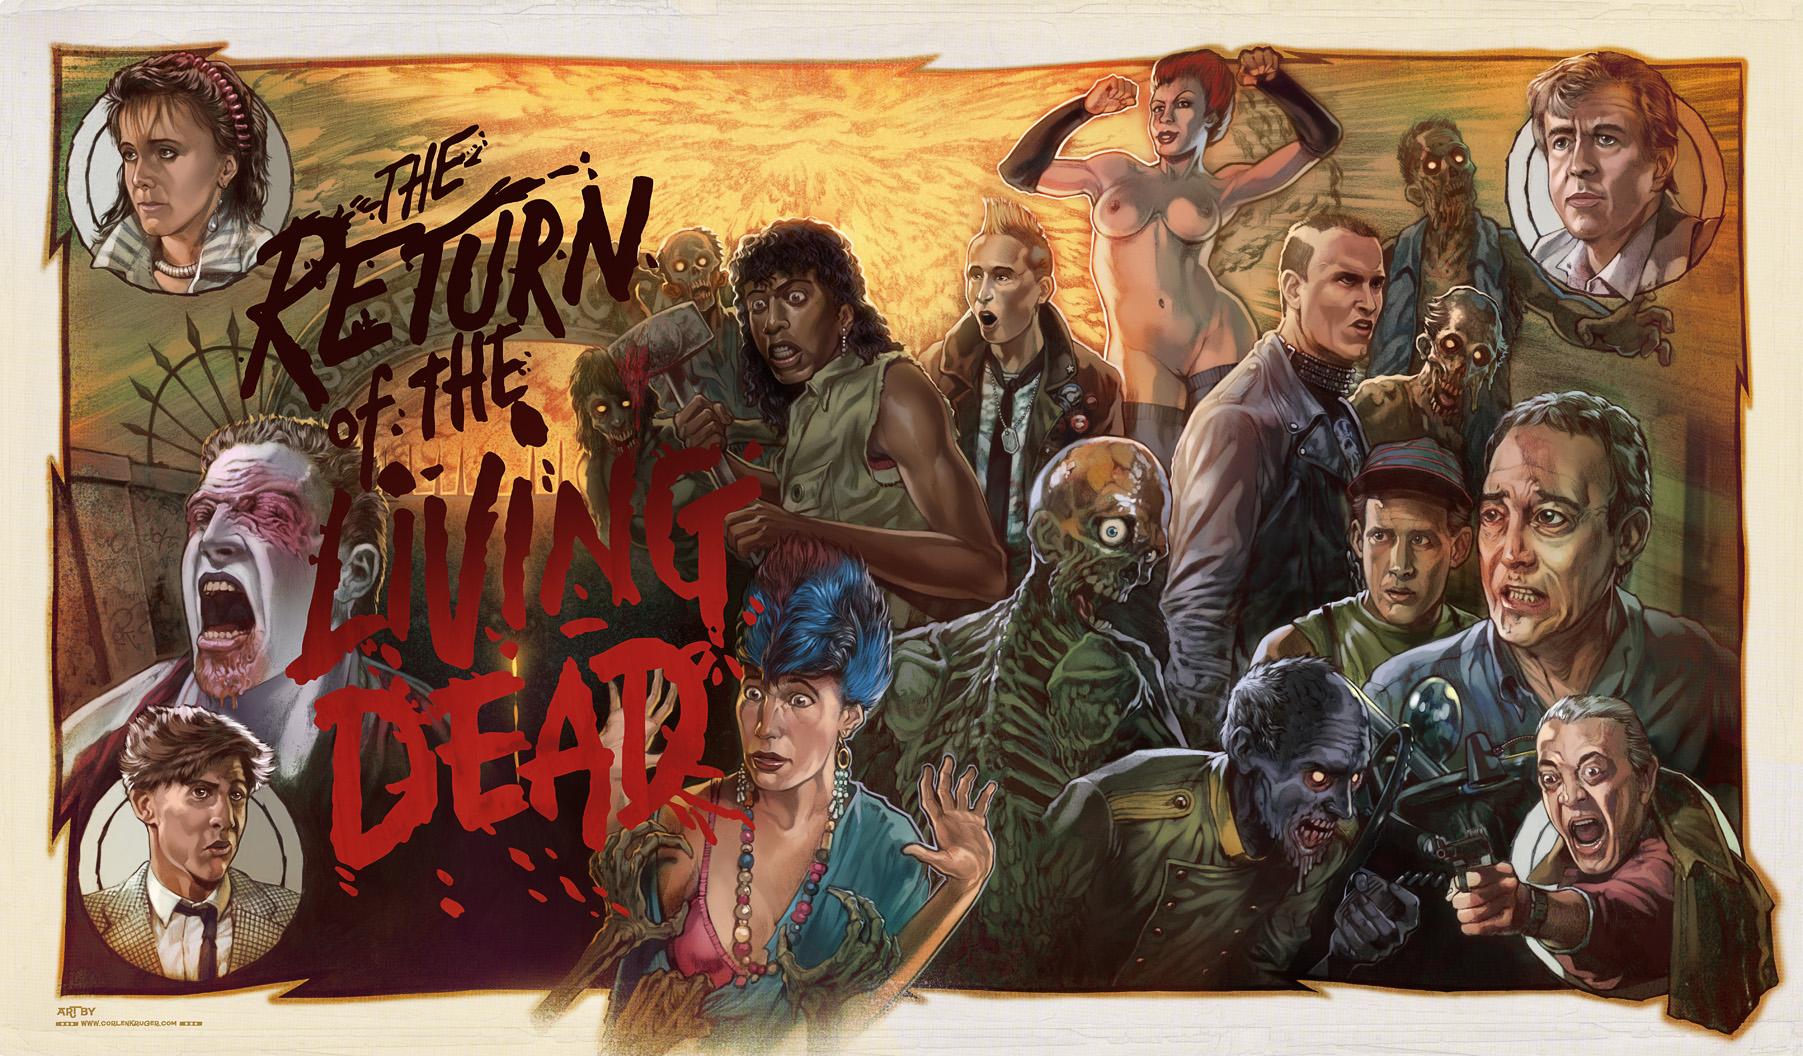 Return of the Living Dead toys